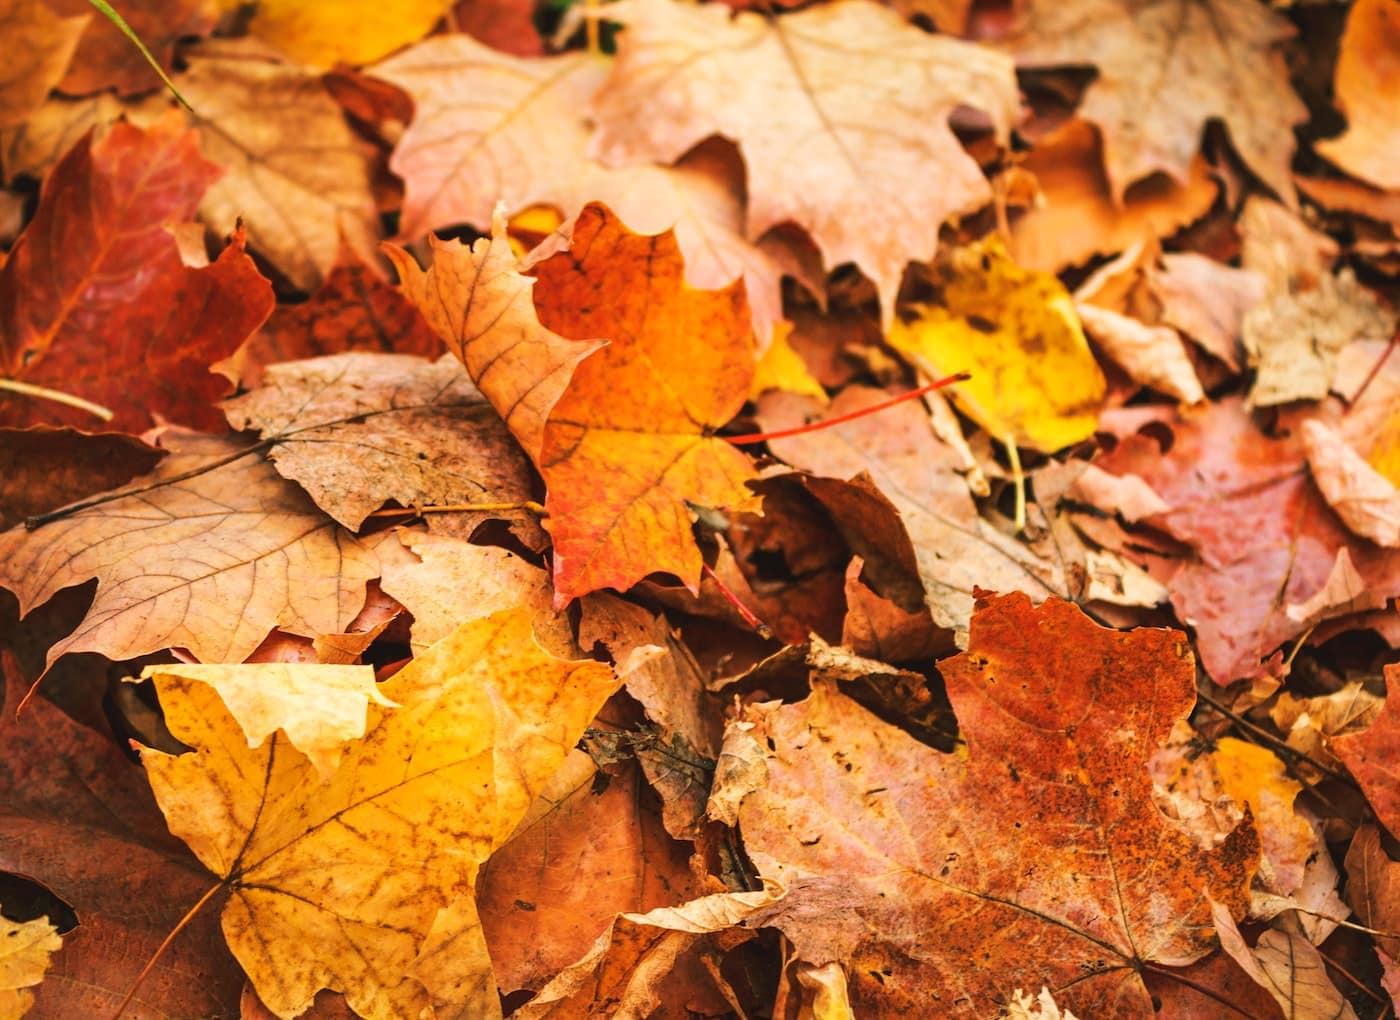 Herbst-Tipps für Familien mit Kindern am Wochenende // HIMBEER